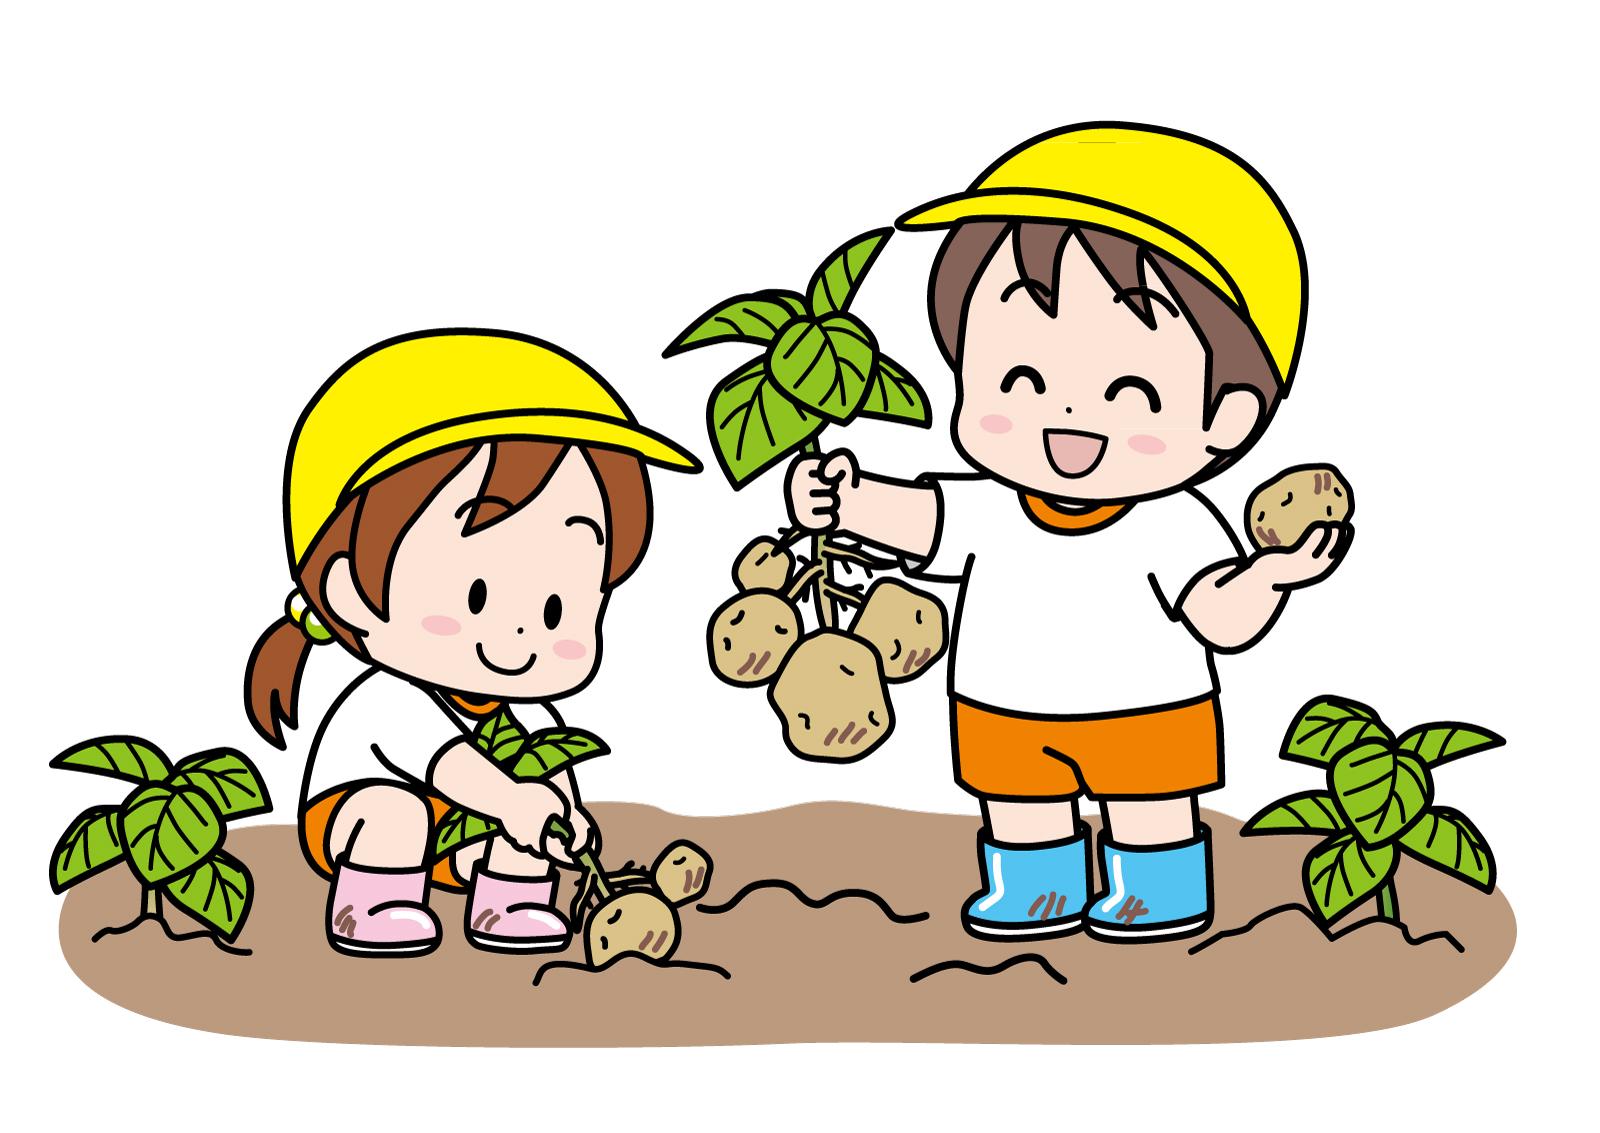 7月4日 5日 家族で楽しく農園体験 長浜市のヤンマーミュージアム農園で じゃがいも掘り が開催 滋賀のママがイベント 育児 遊び 学びを発信 シガマンマ ピースマム